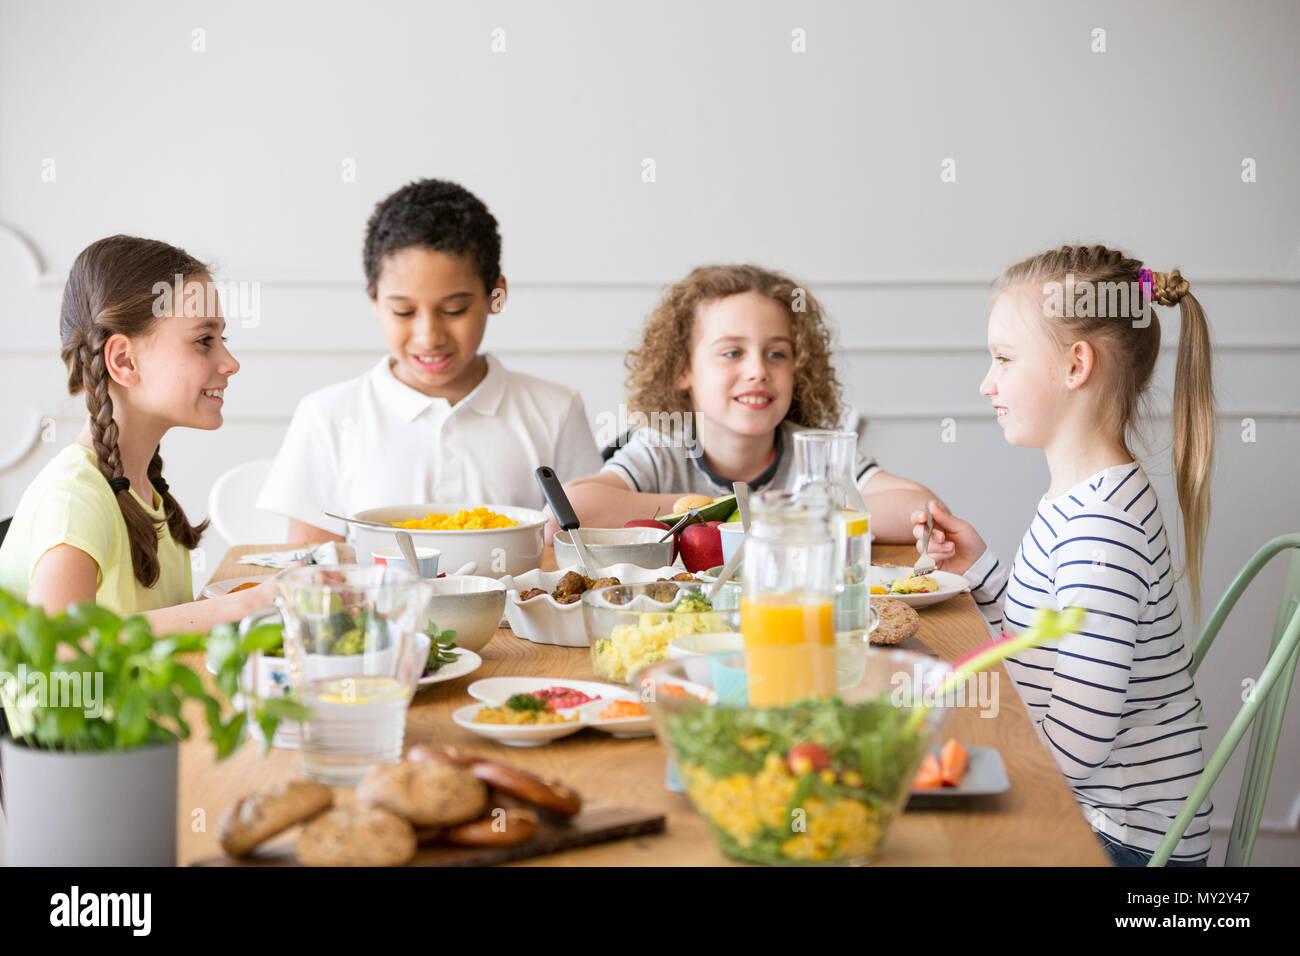 Smiling kids souper tout en célébrant la fête des enfants à la maison Photo Stock